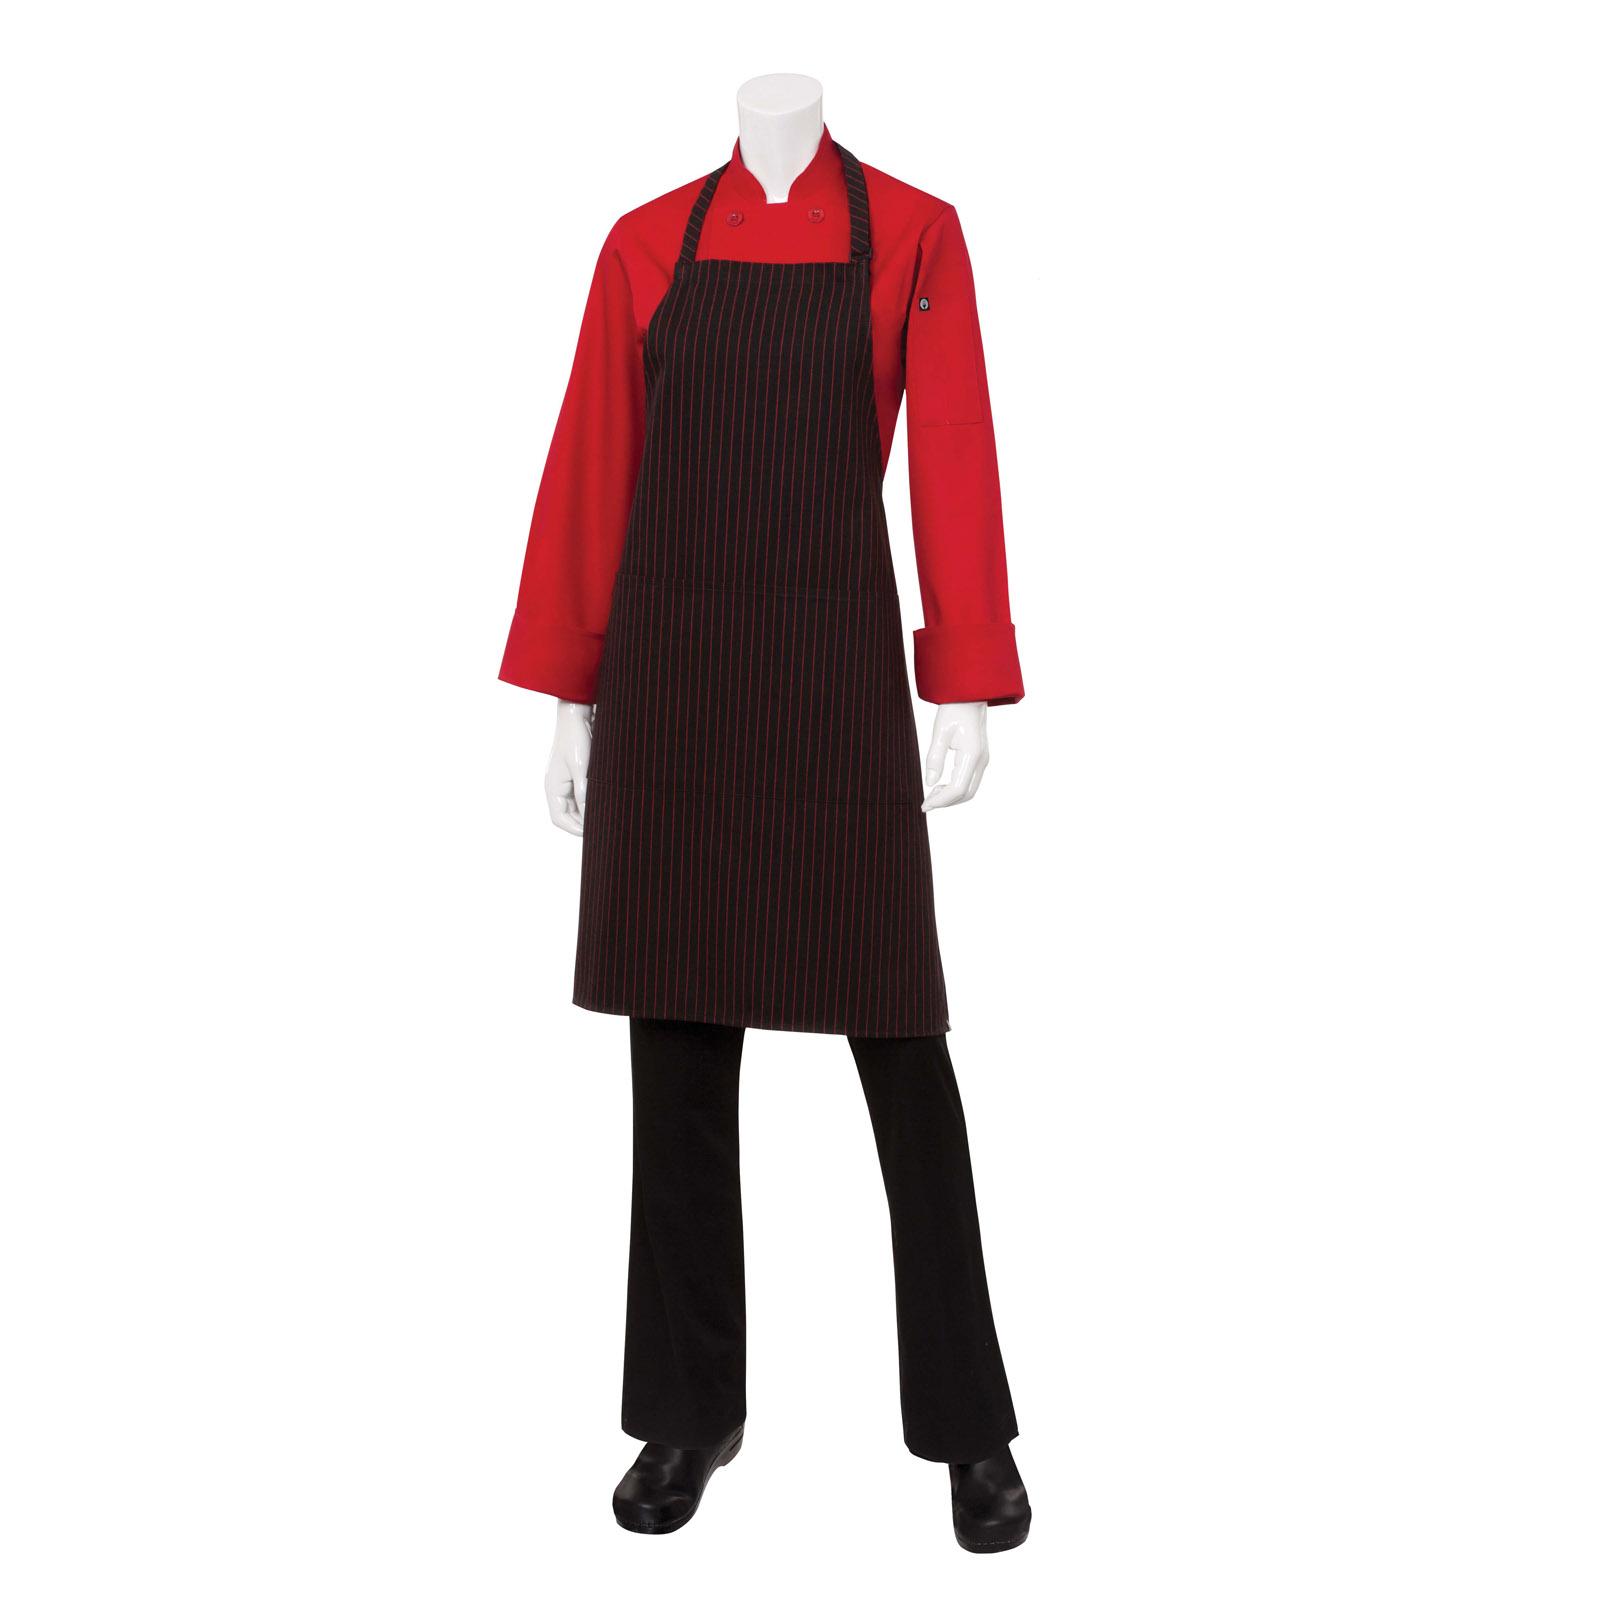 Chef Works CSAABWP0 bib apron